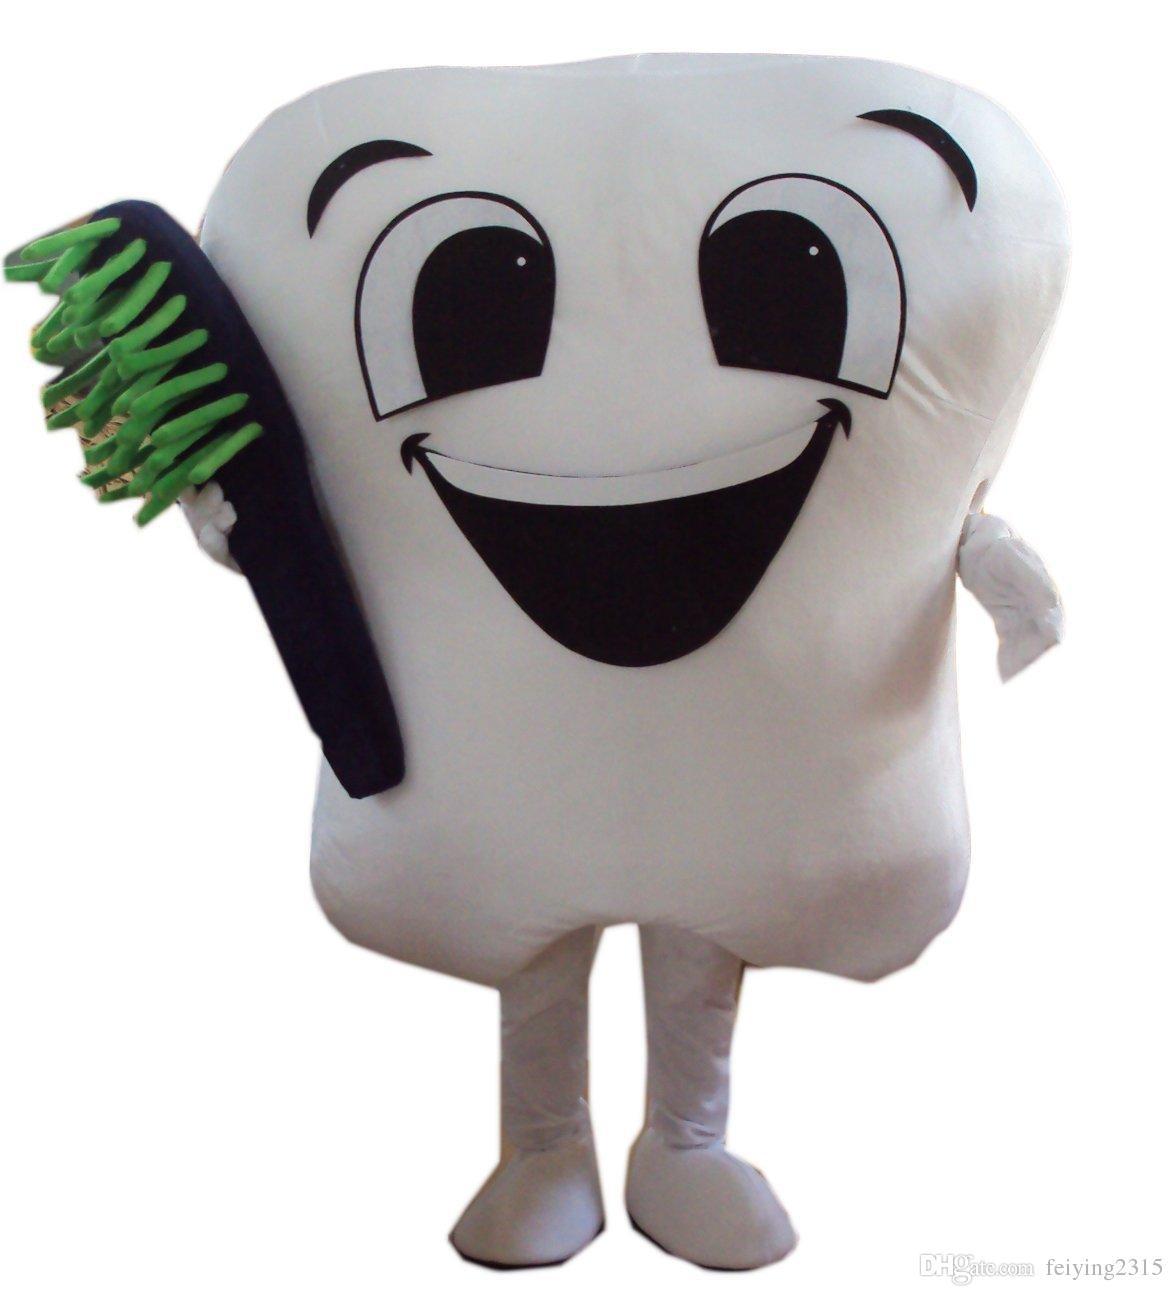 حار بيع الأسنان التميمة الكرتون التميمة حلي يتوهم اللباس